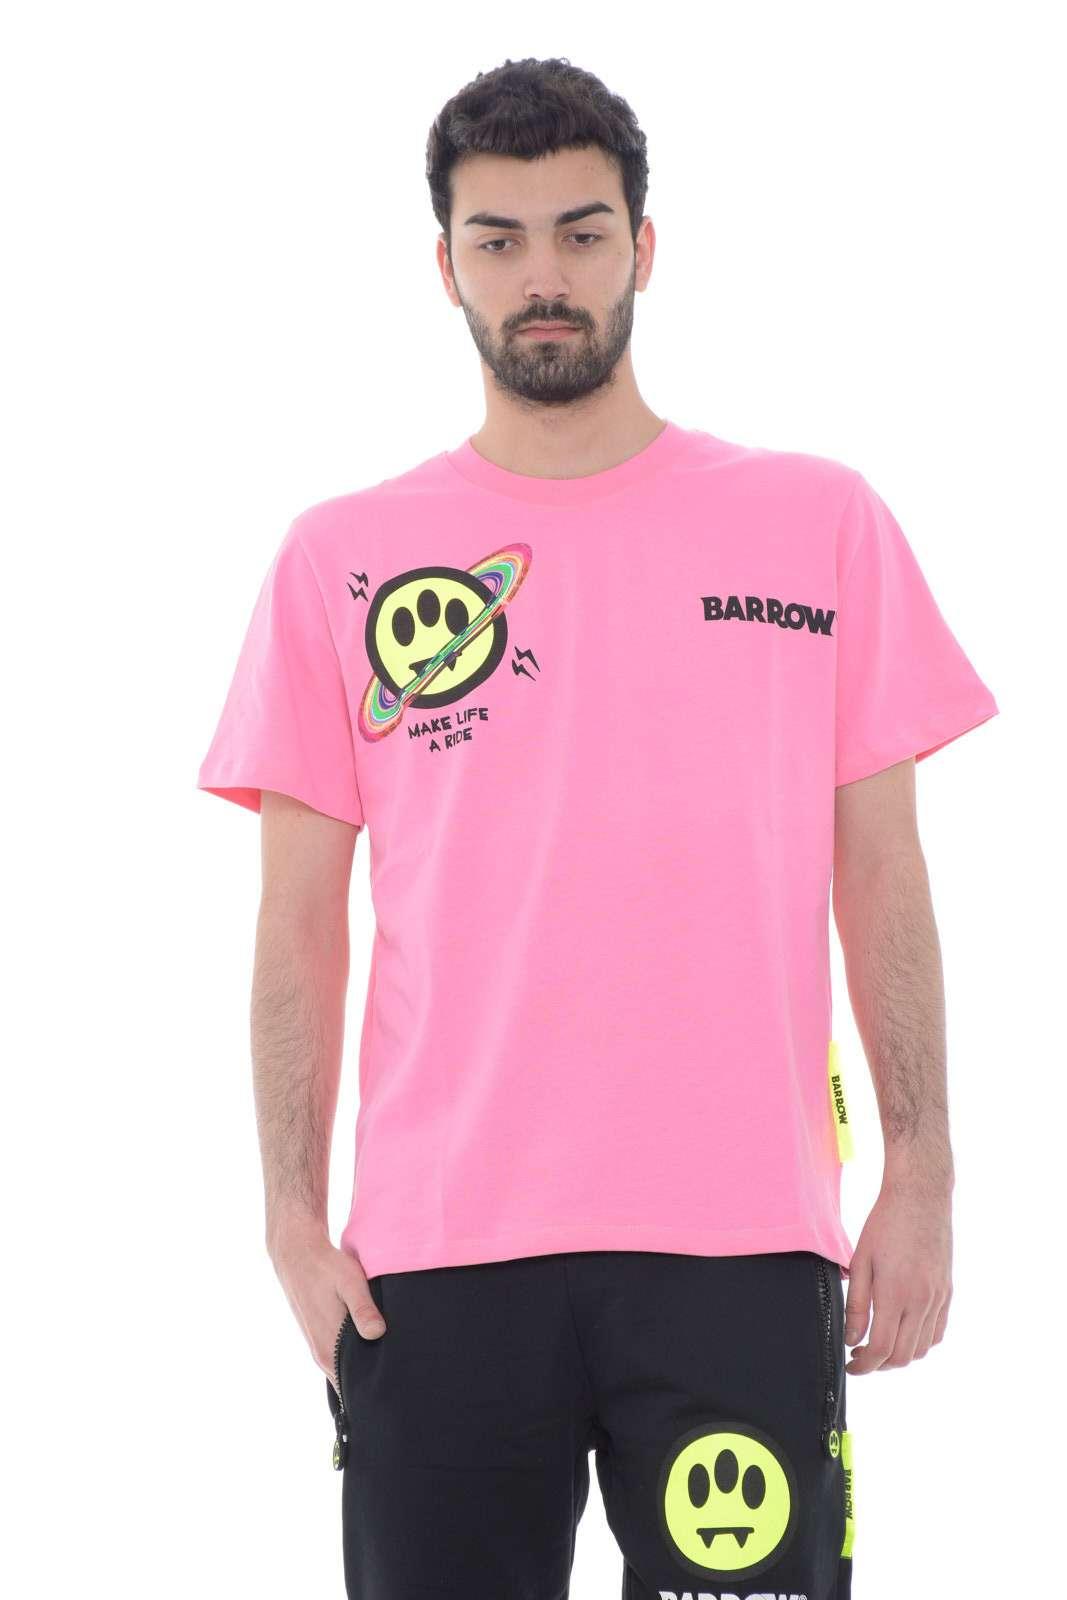 Una t shirt dal look freestyler e di tendenza, quella proposta per la collezione primavera estate uomo da Barrow. Per l'uomo che ama capi colorati e moderni, sempre fashion e mai banali, pronti a sorprendere.